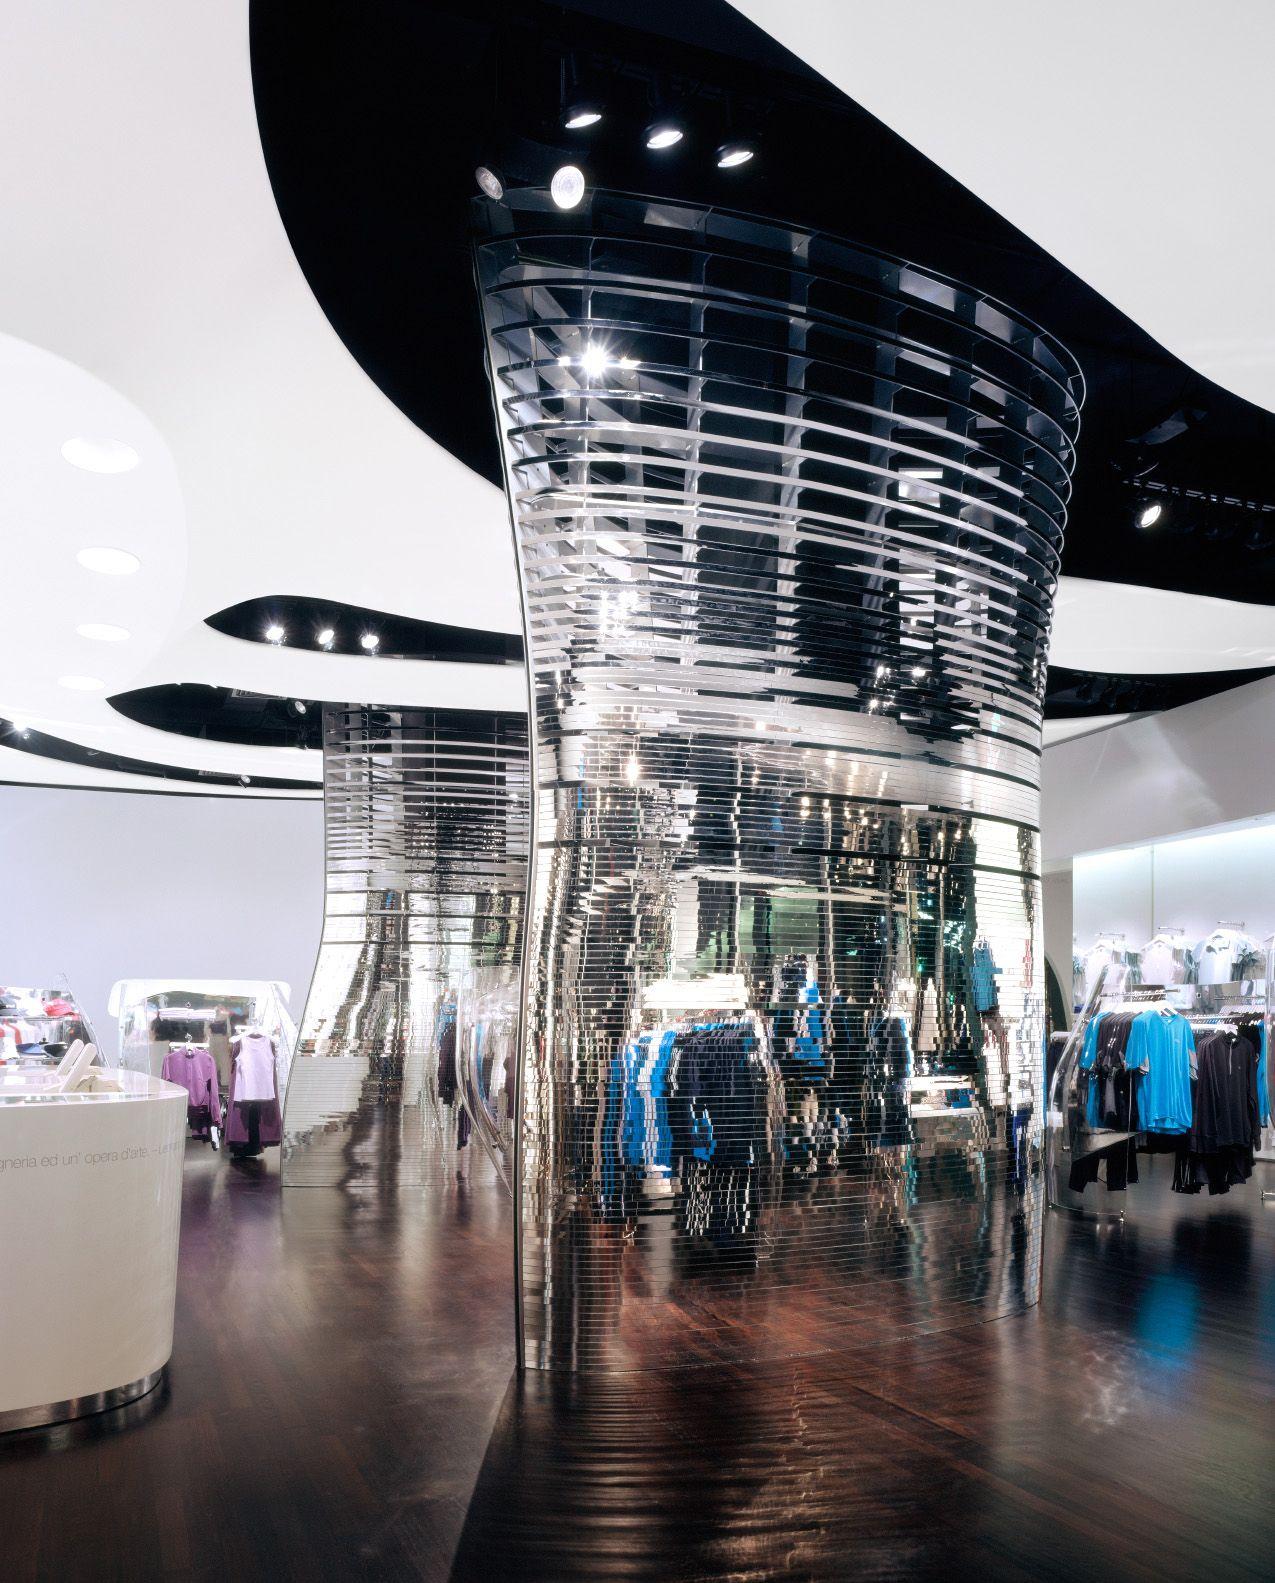 Fila in 2019 | interior | Fabric ceiling, Mall design ...